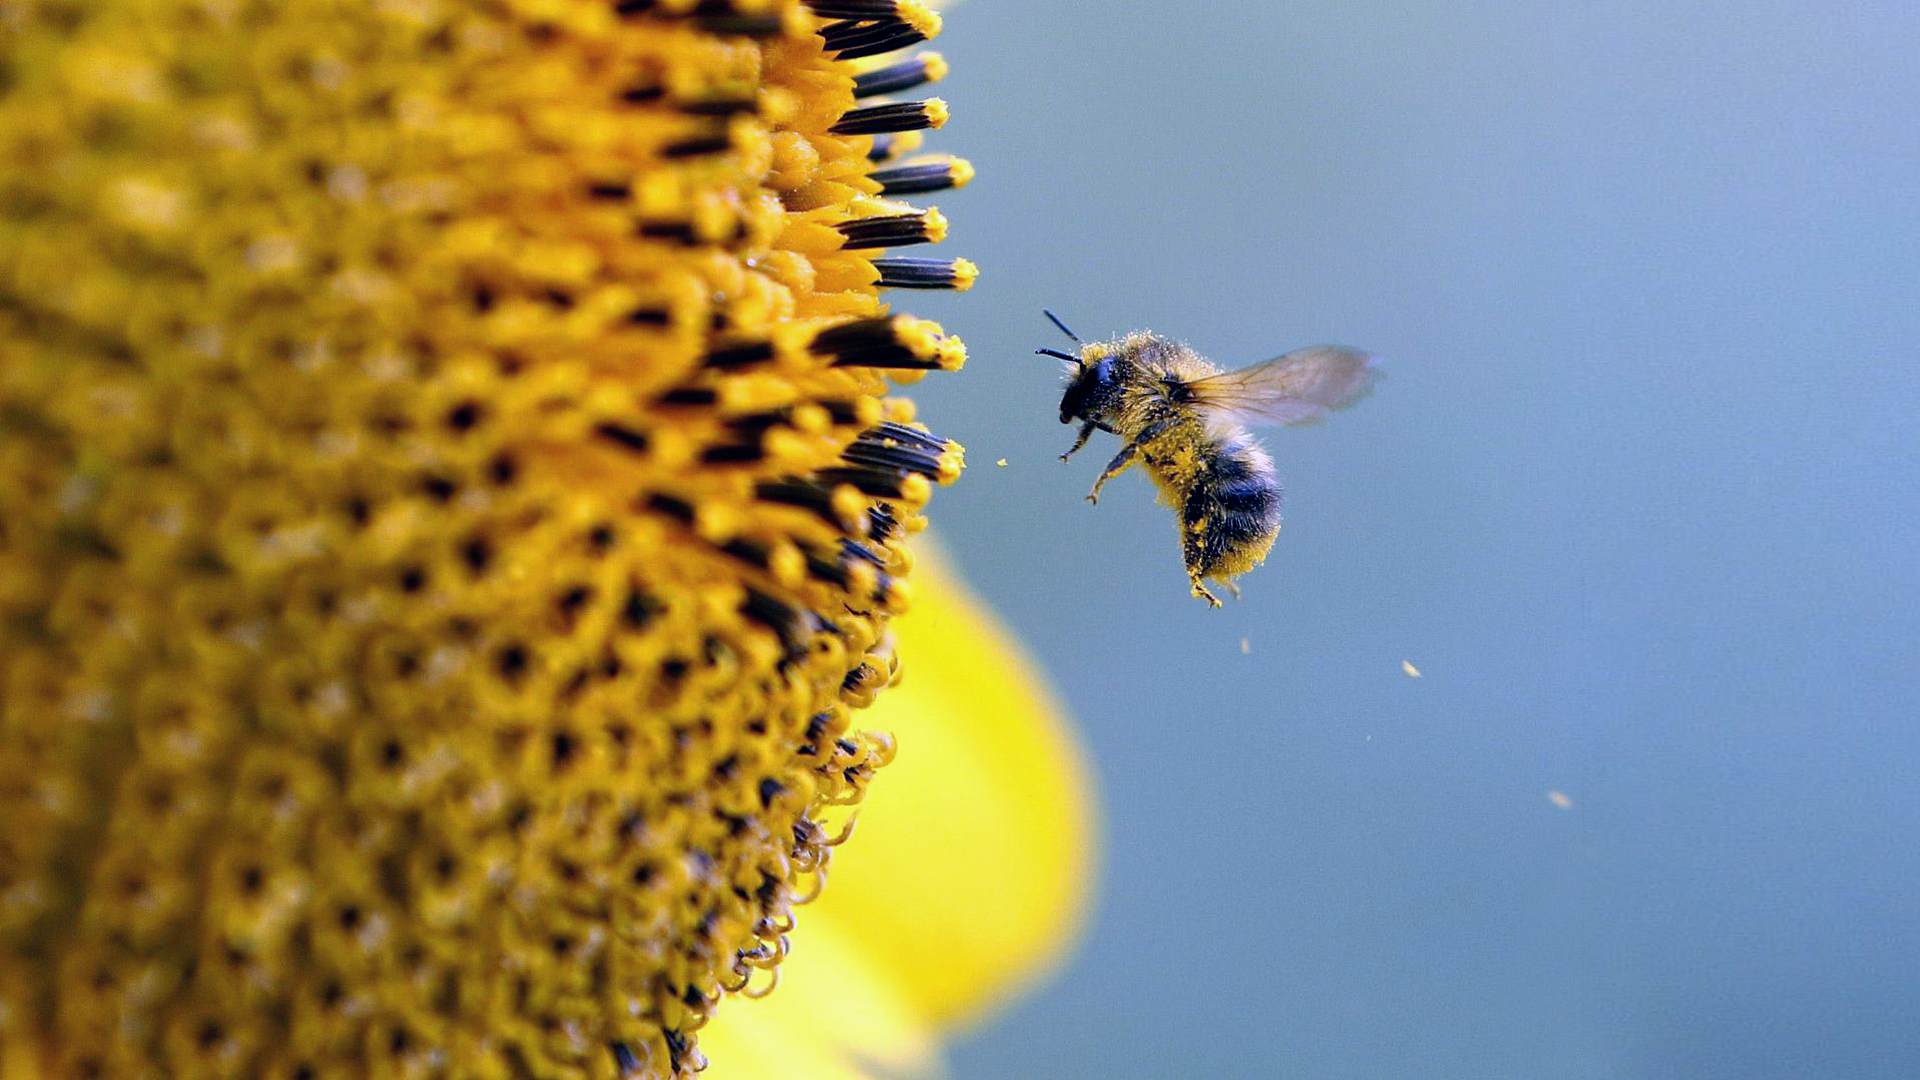 природа цветы насекомое пчела скачать